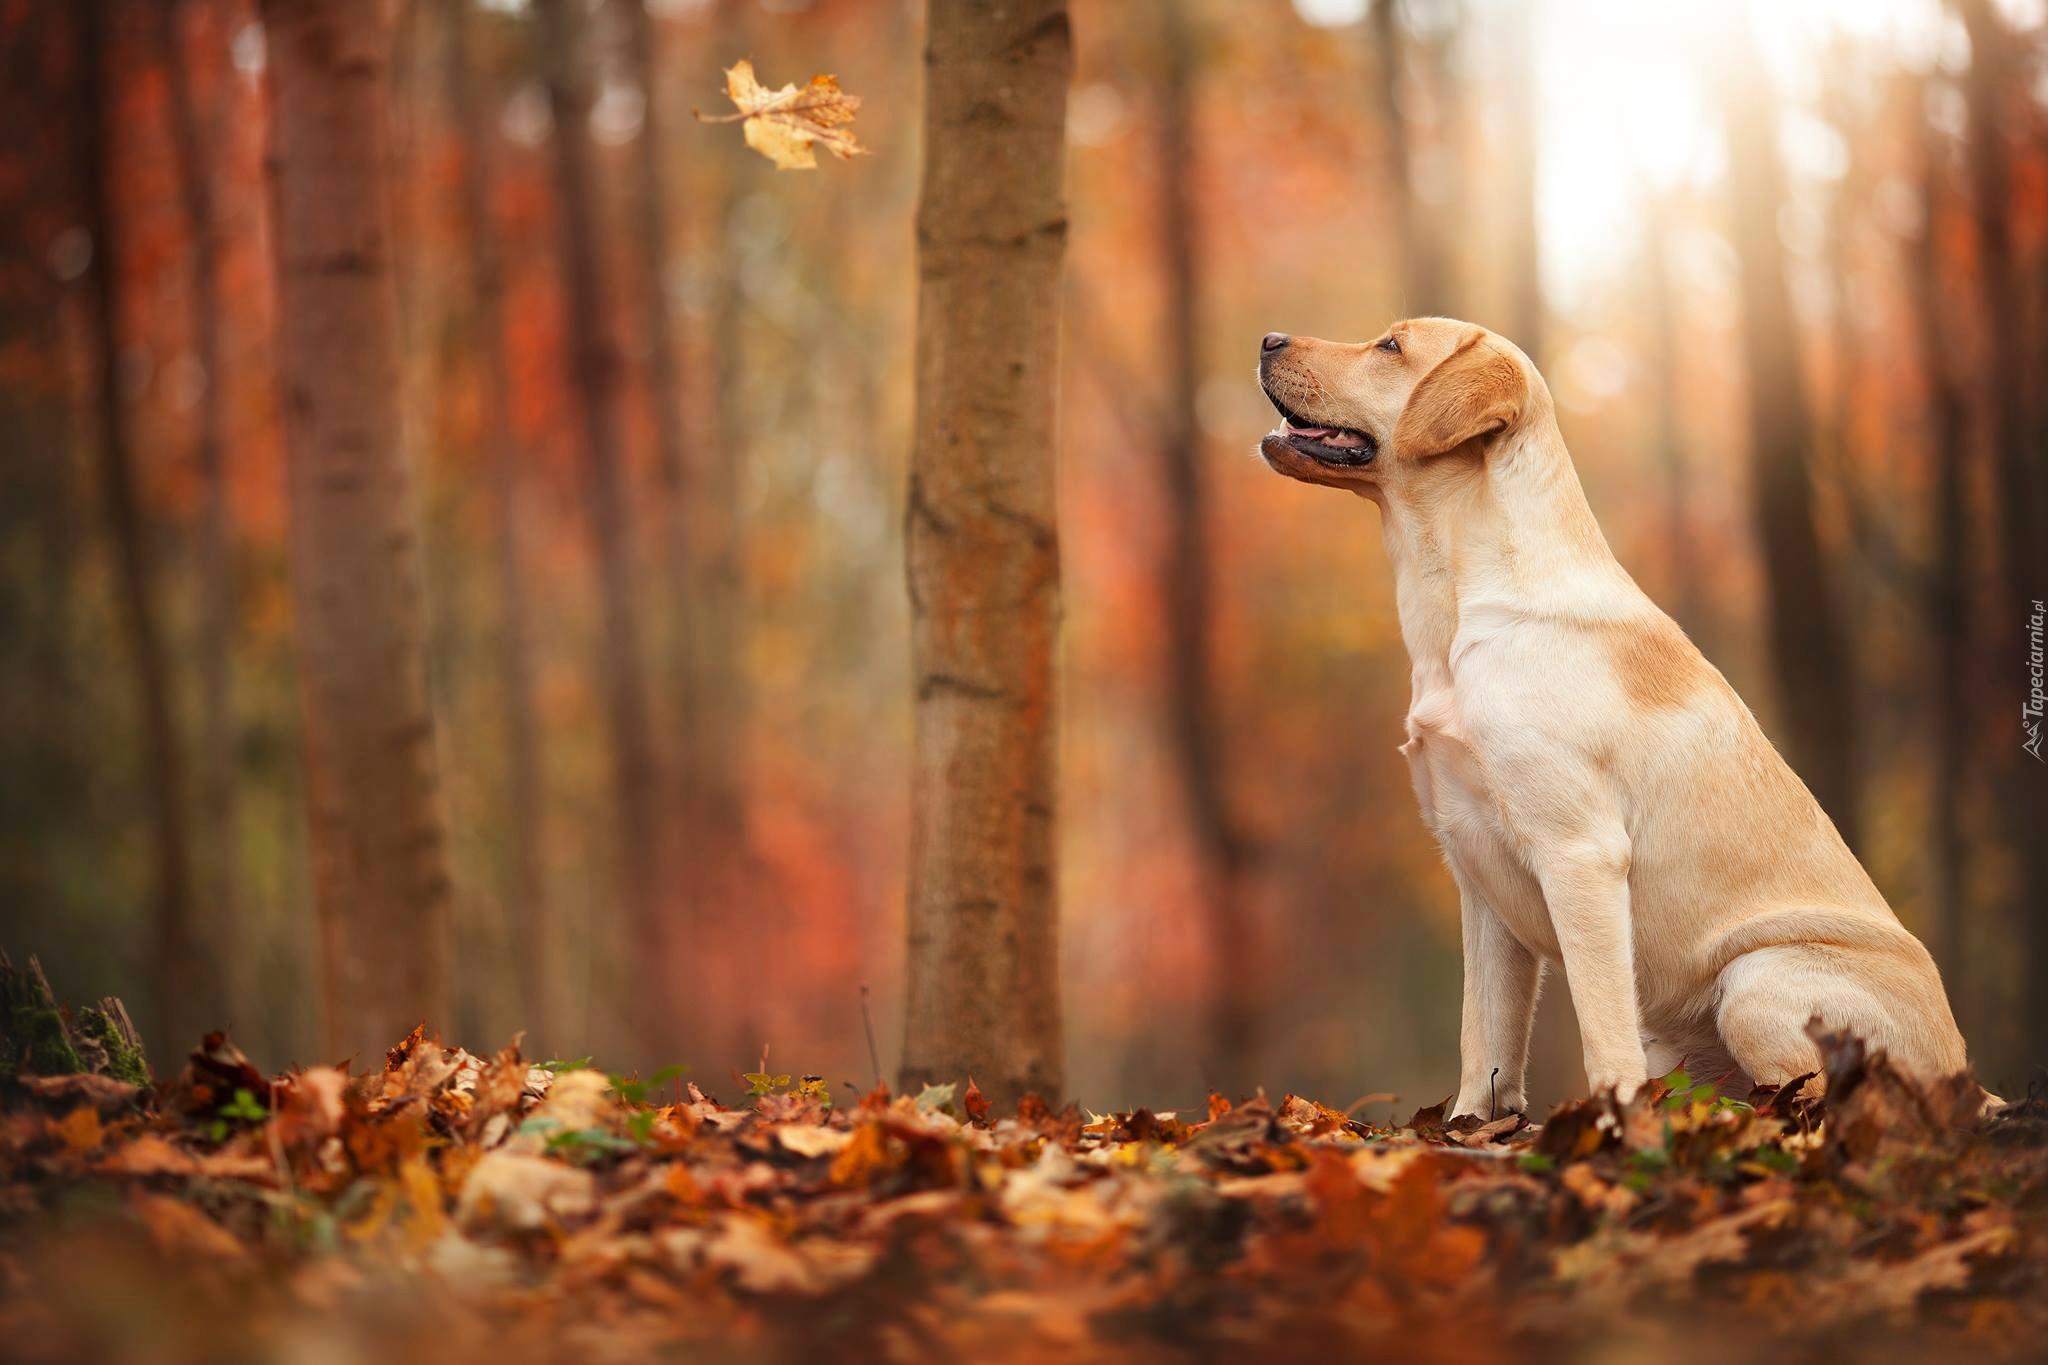 природа животные собака осень листья  № 2019411 загрузить